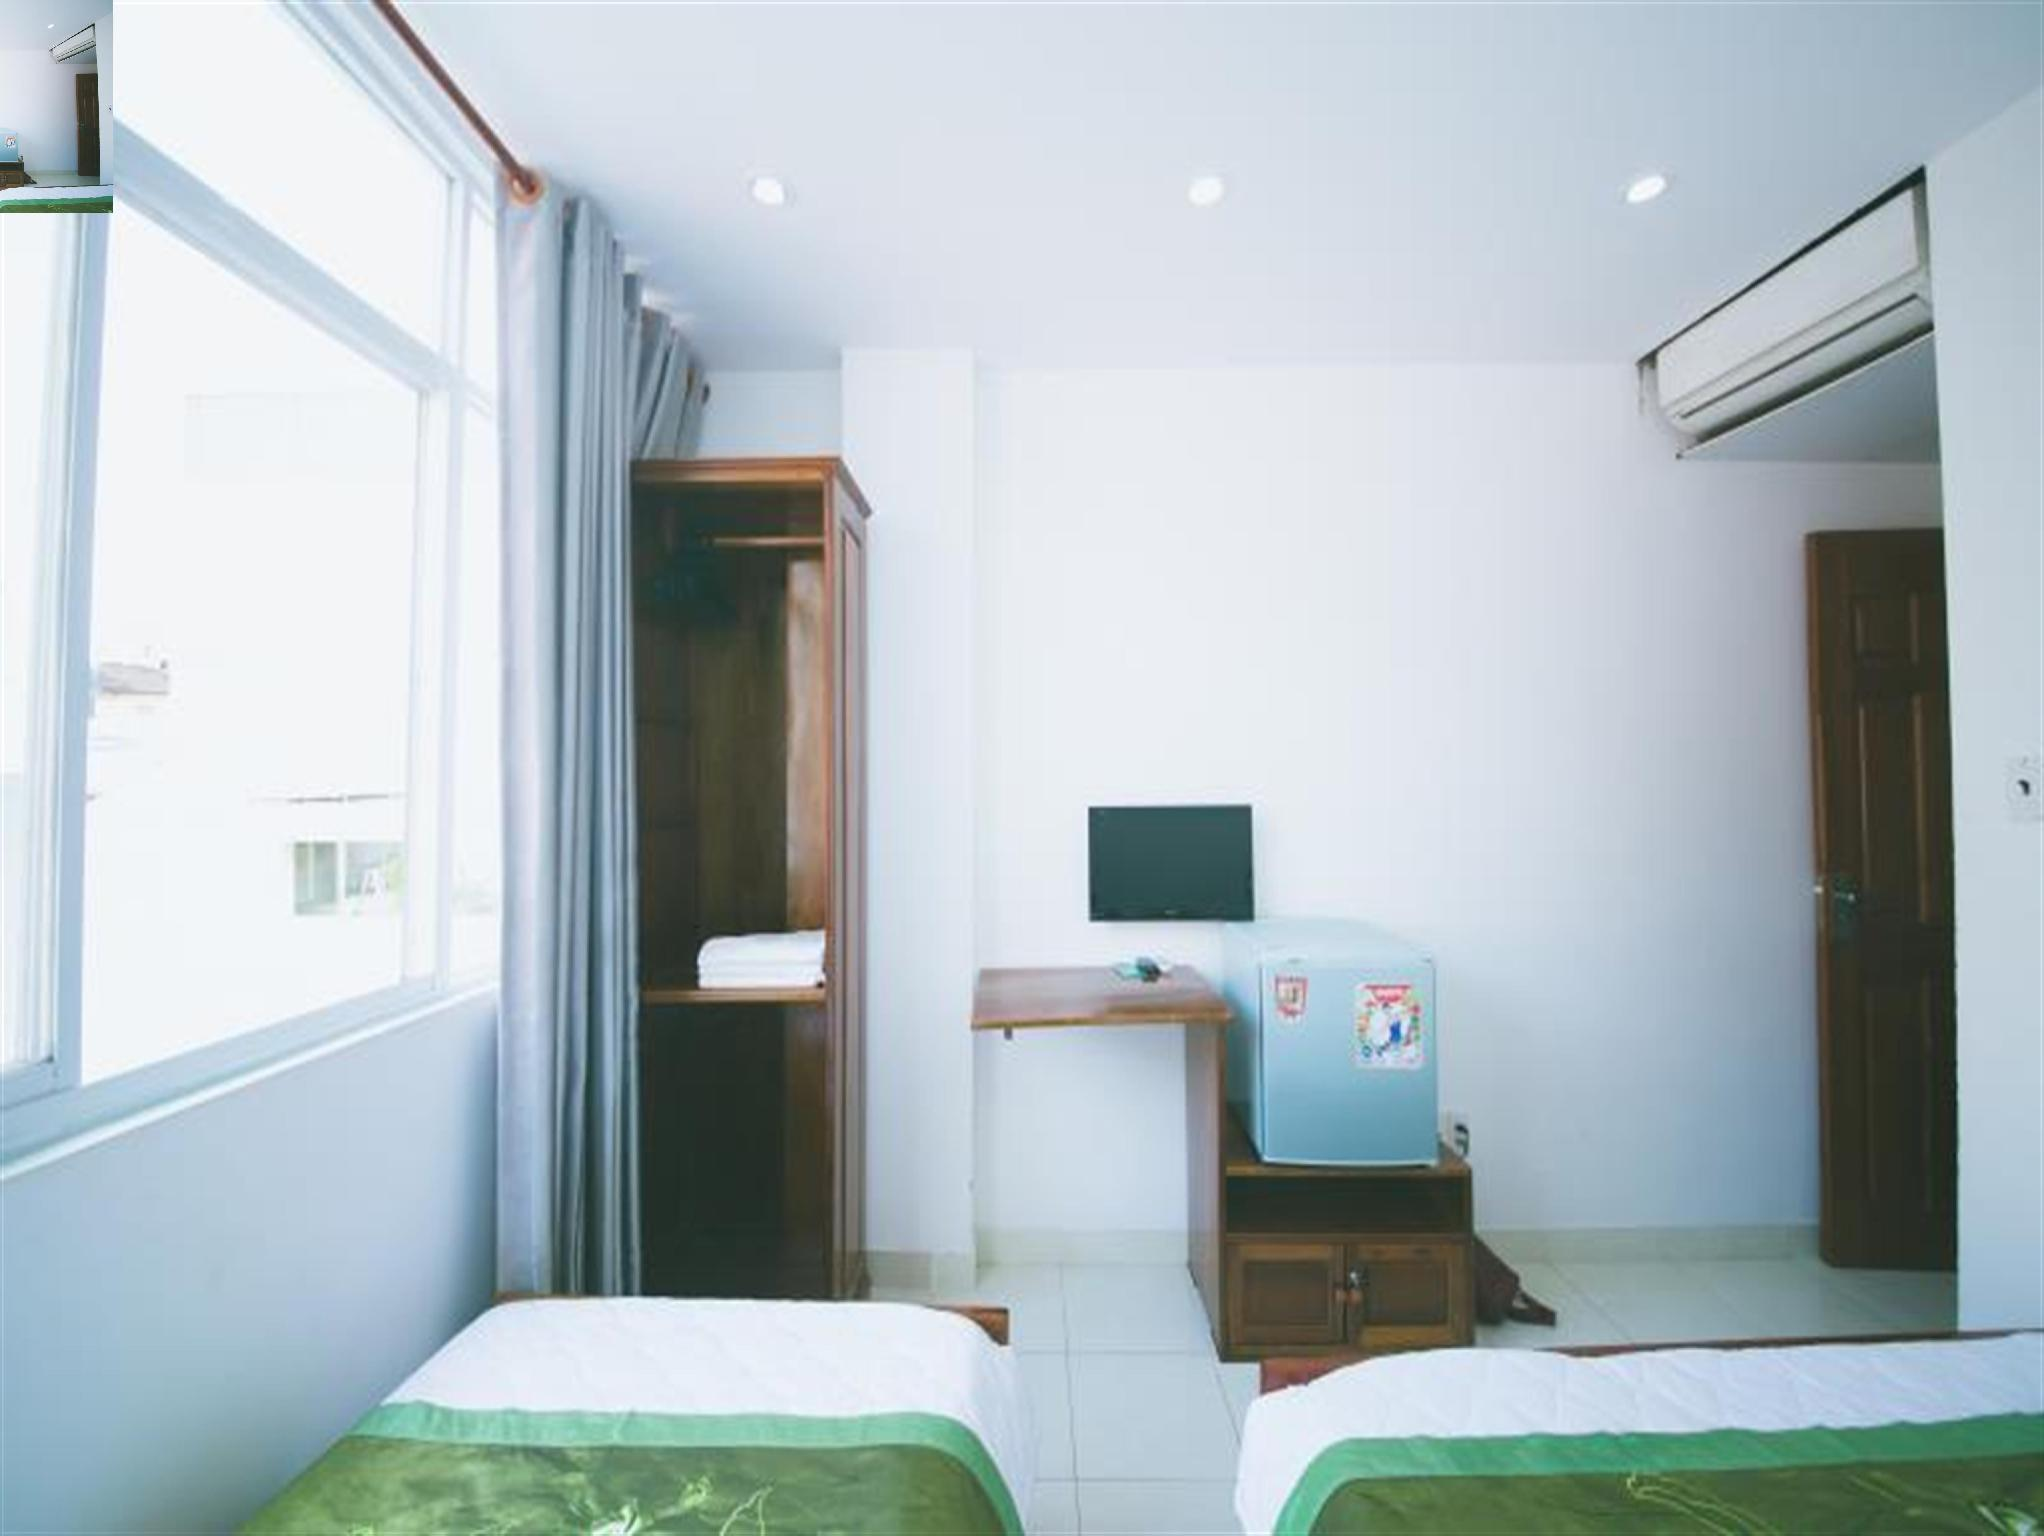 CK サイゴン セントラル ホテル19